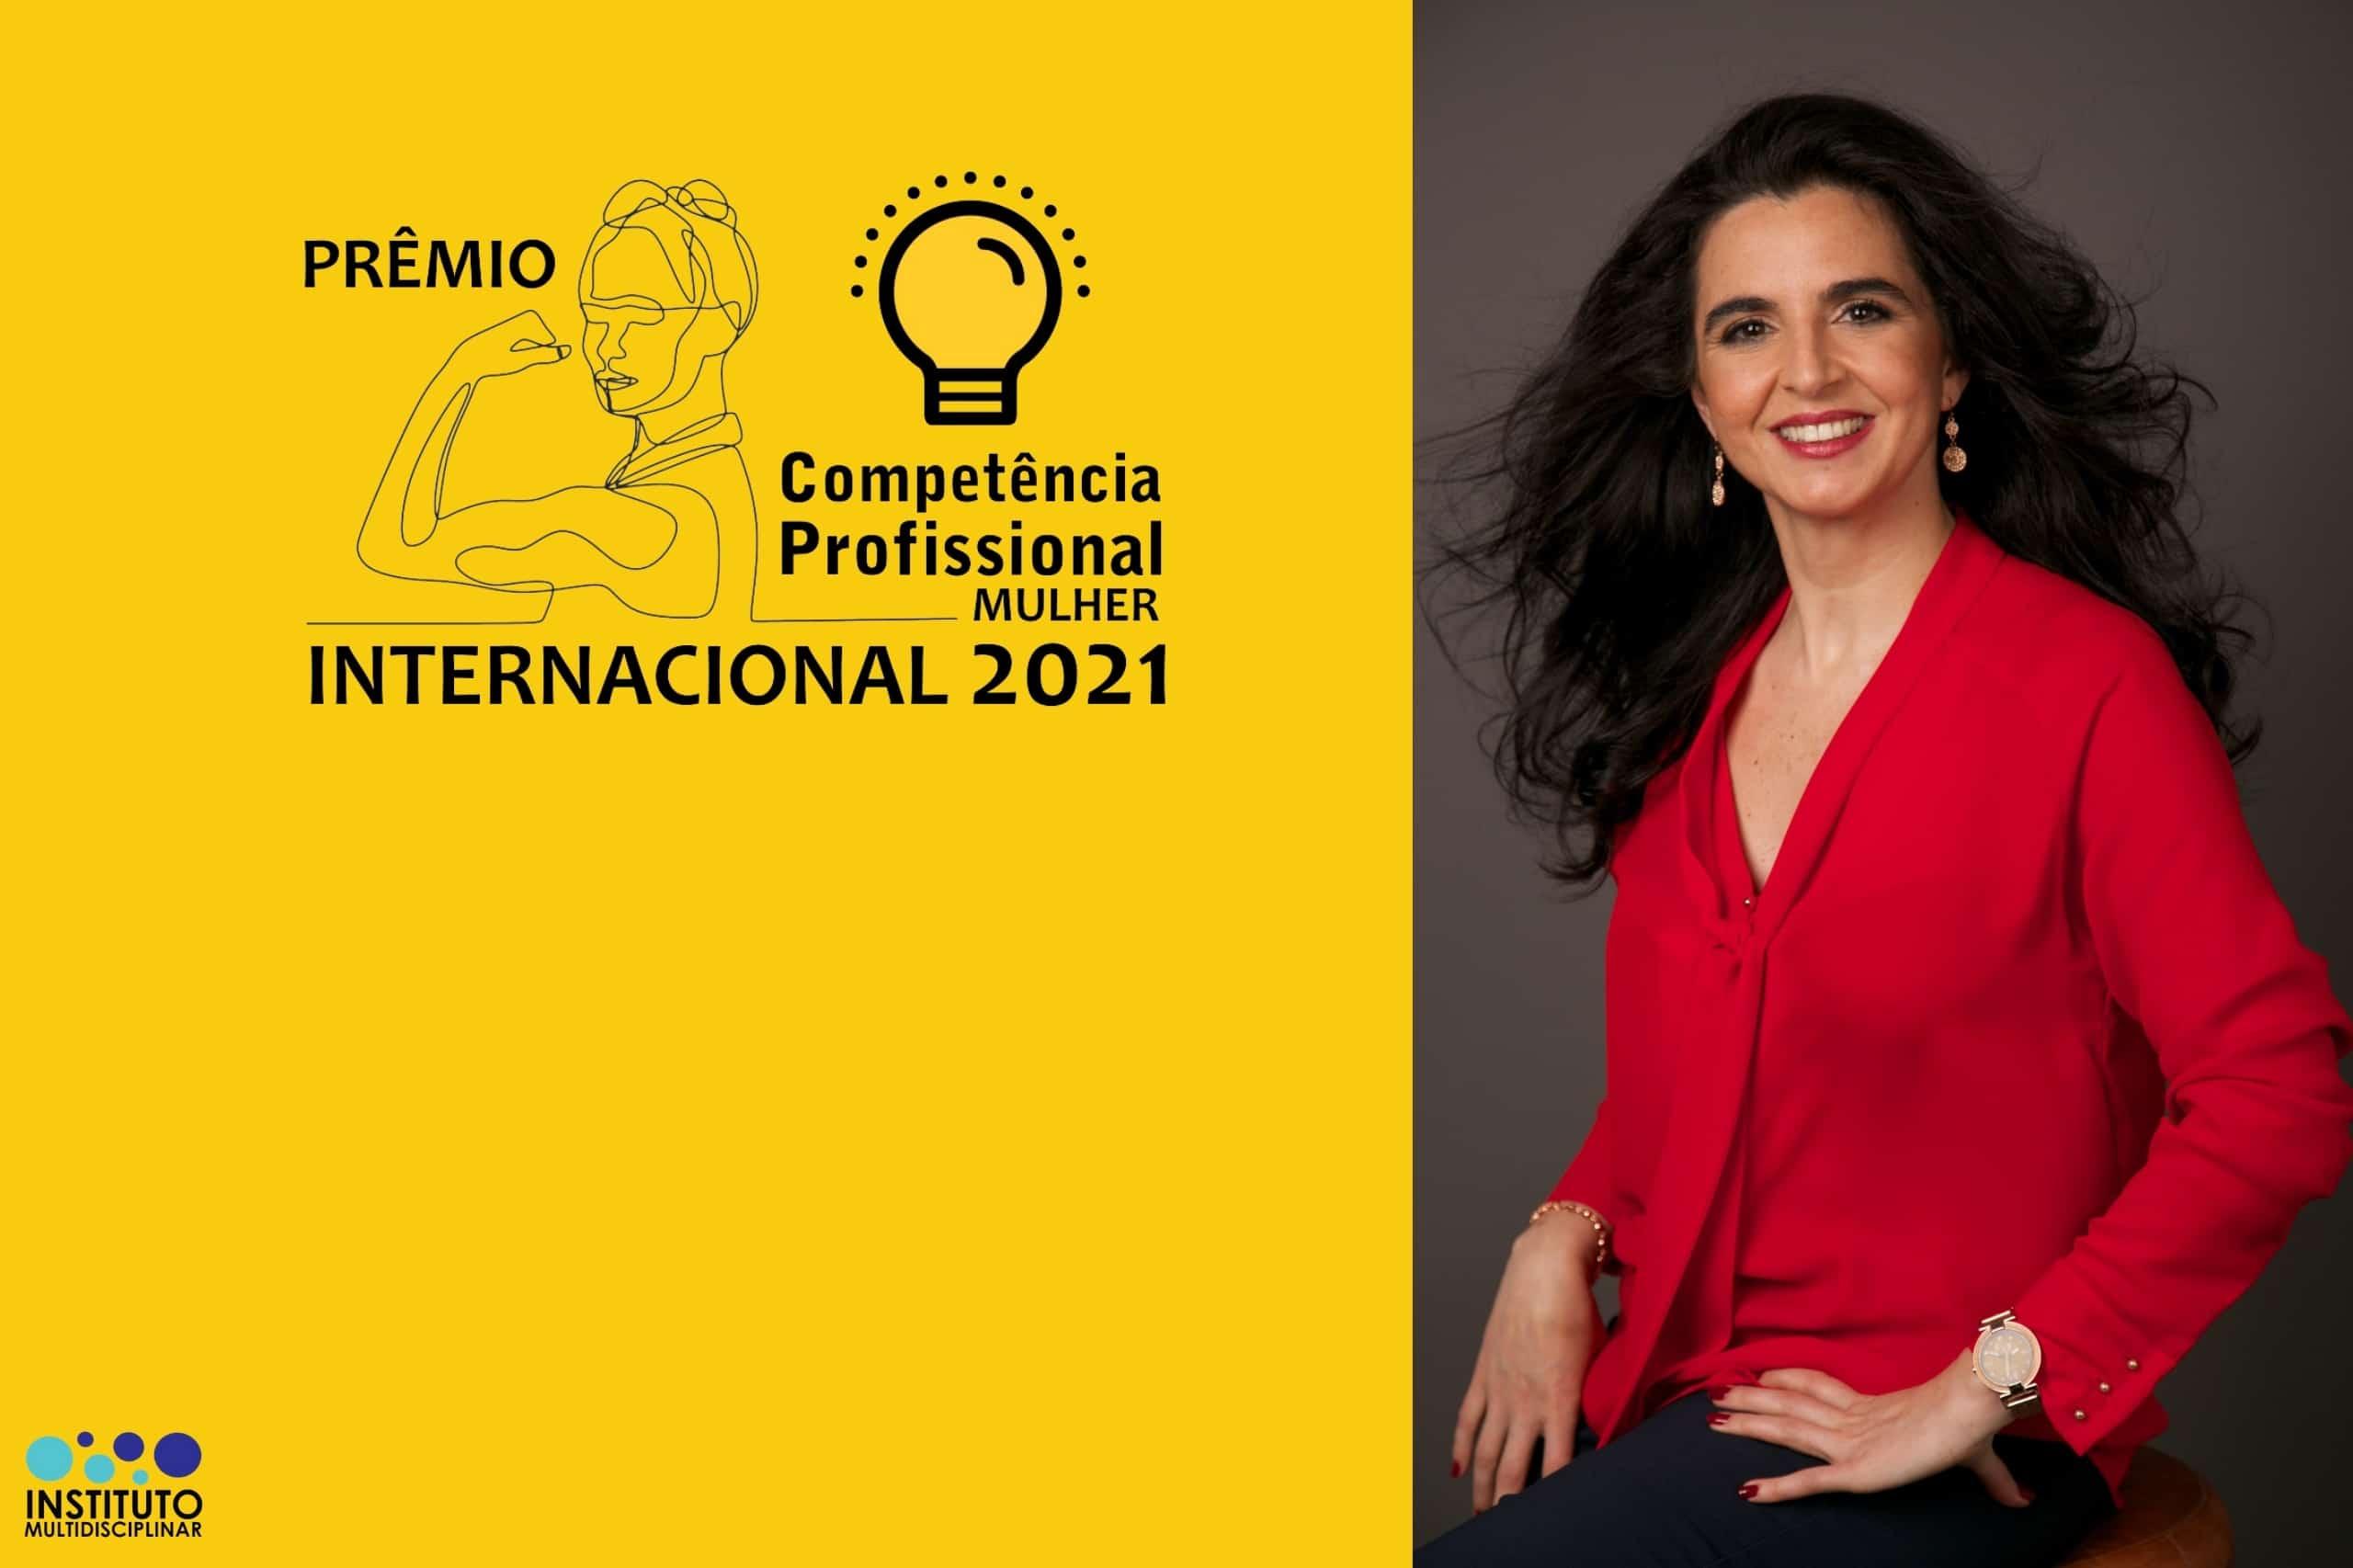 Laureada com Prêmio Competência Profissional Mulher